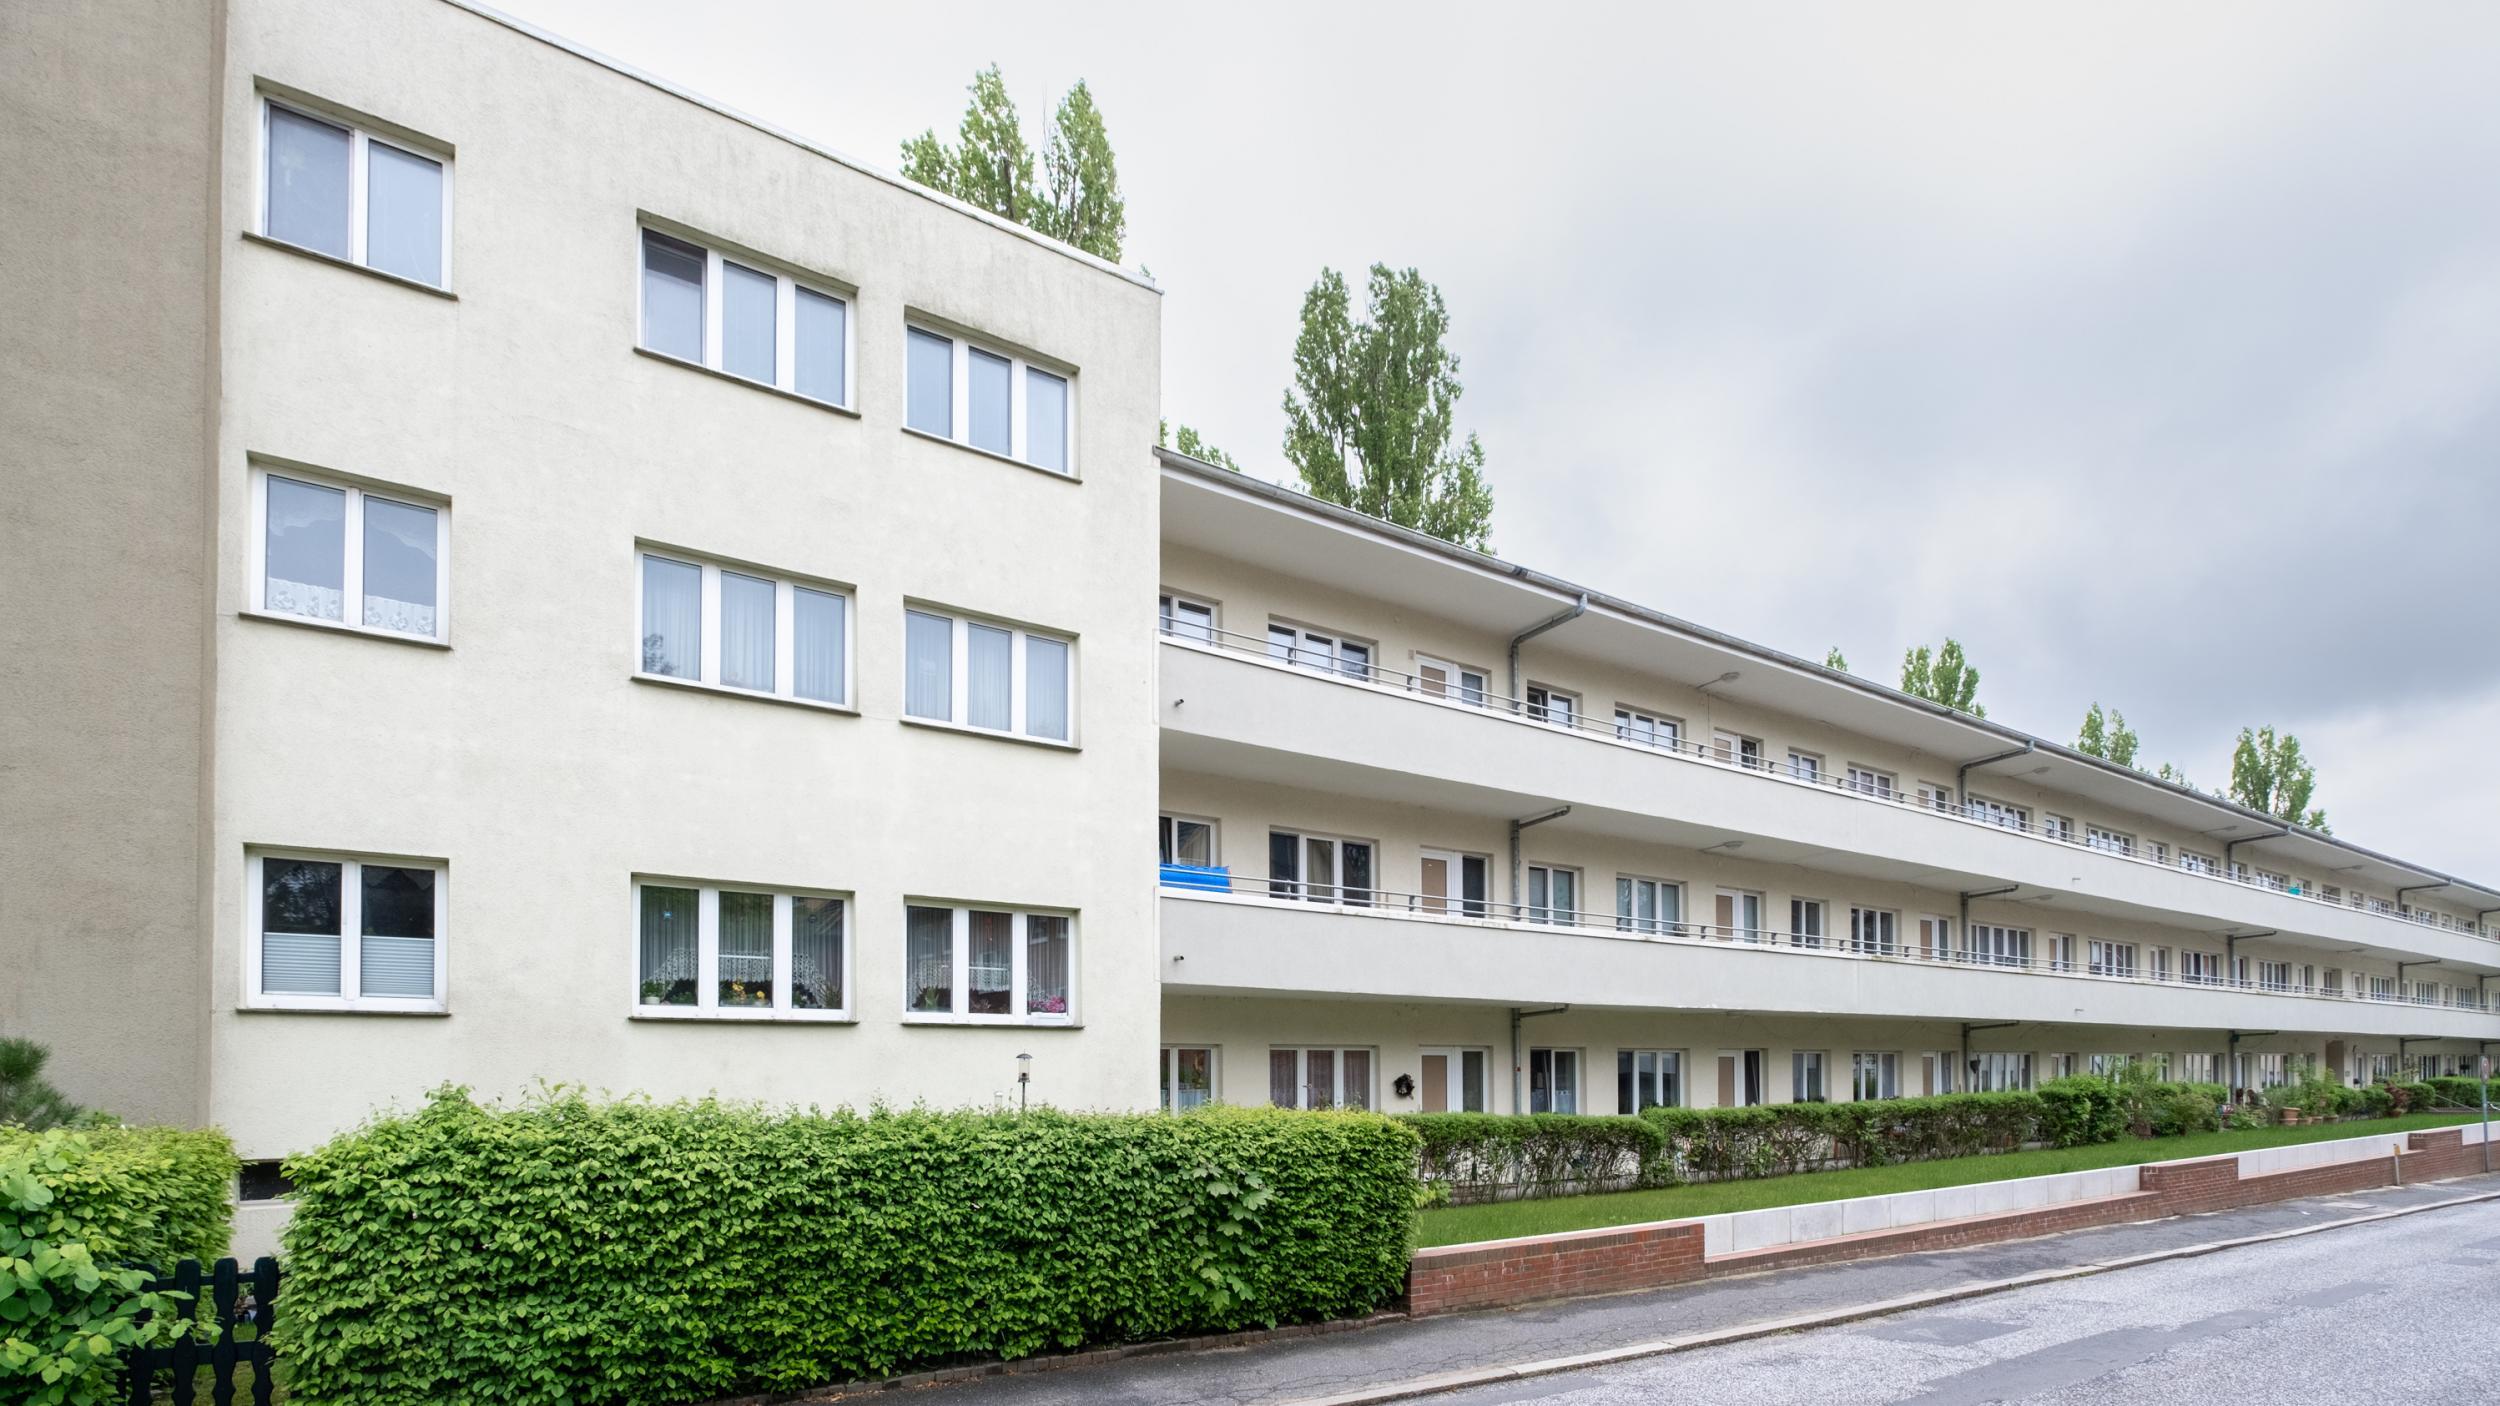 Energetische Modernisierung in Fuhlsbüttel